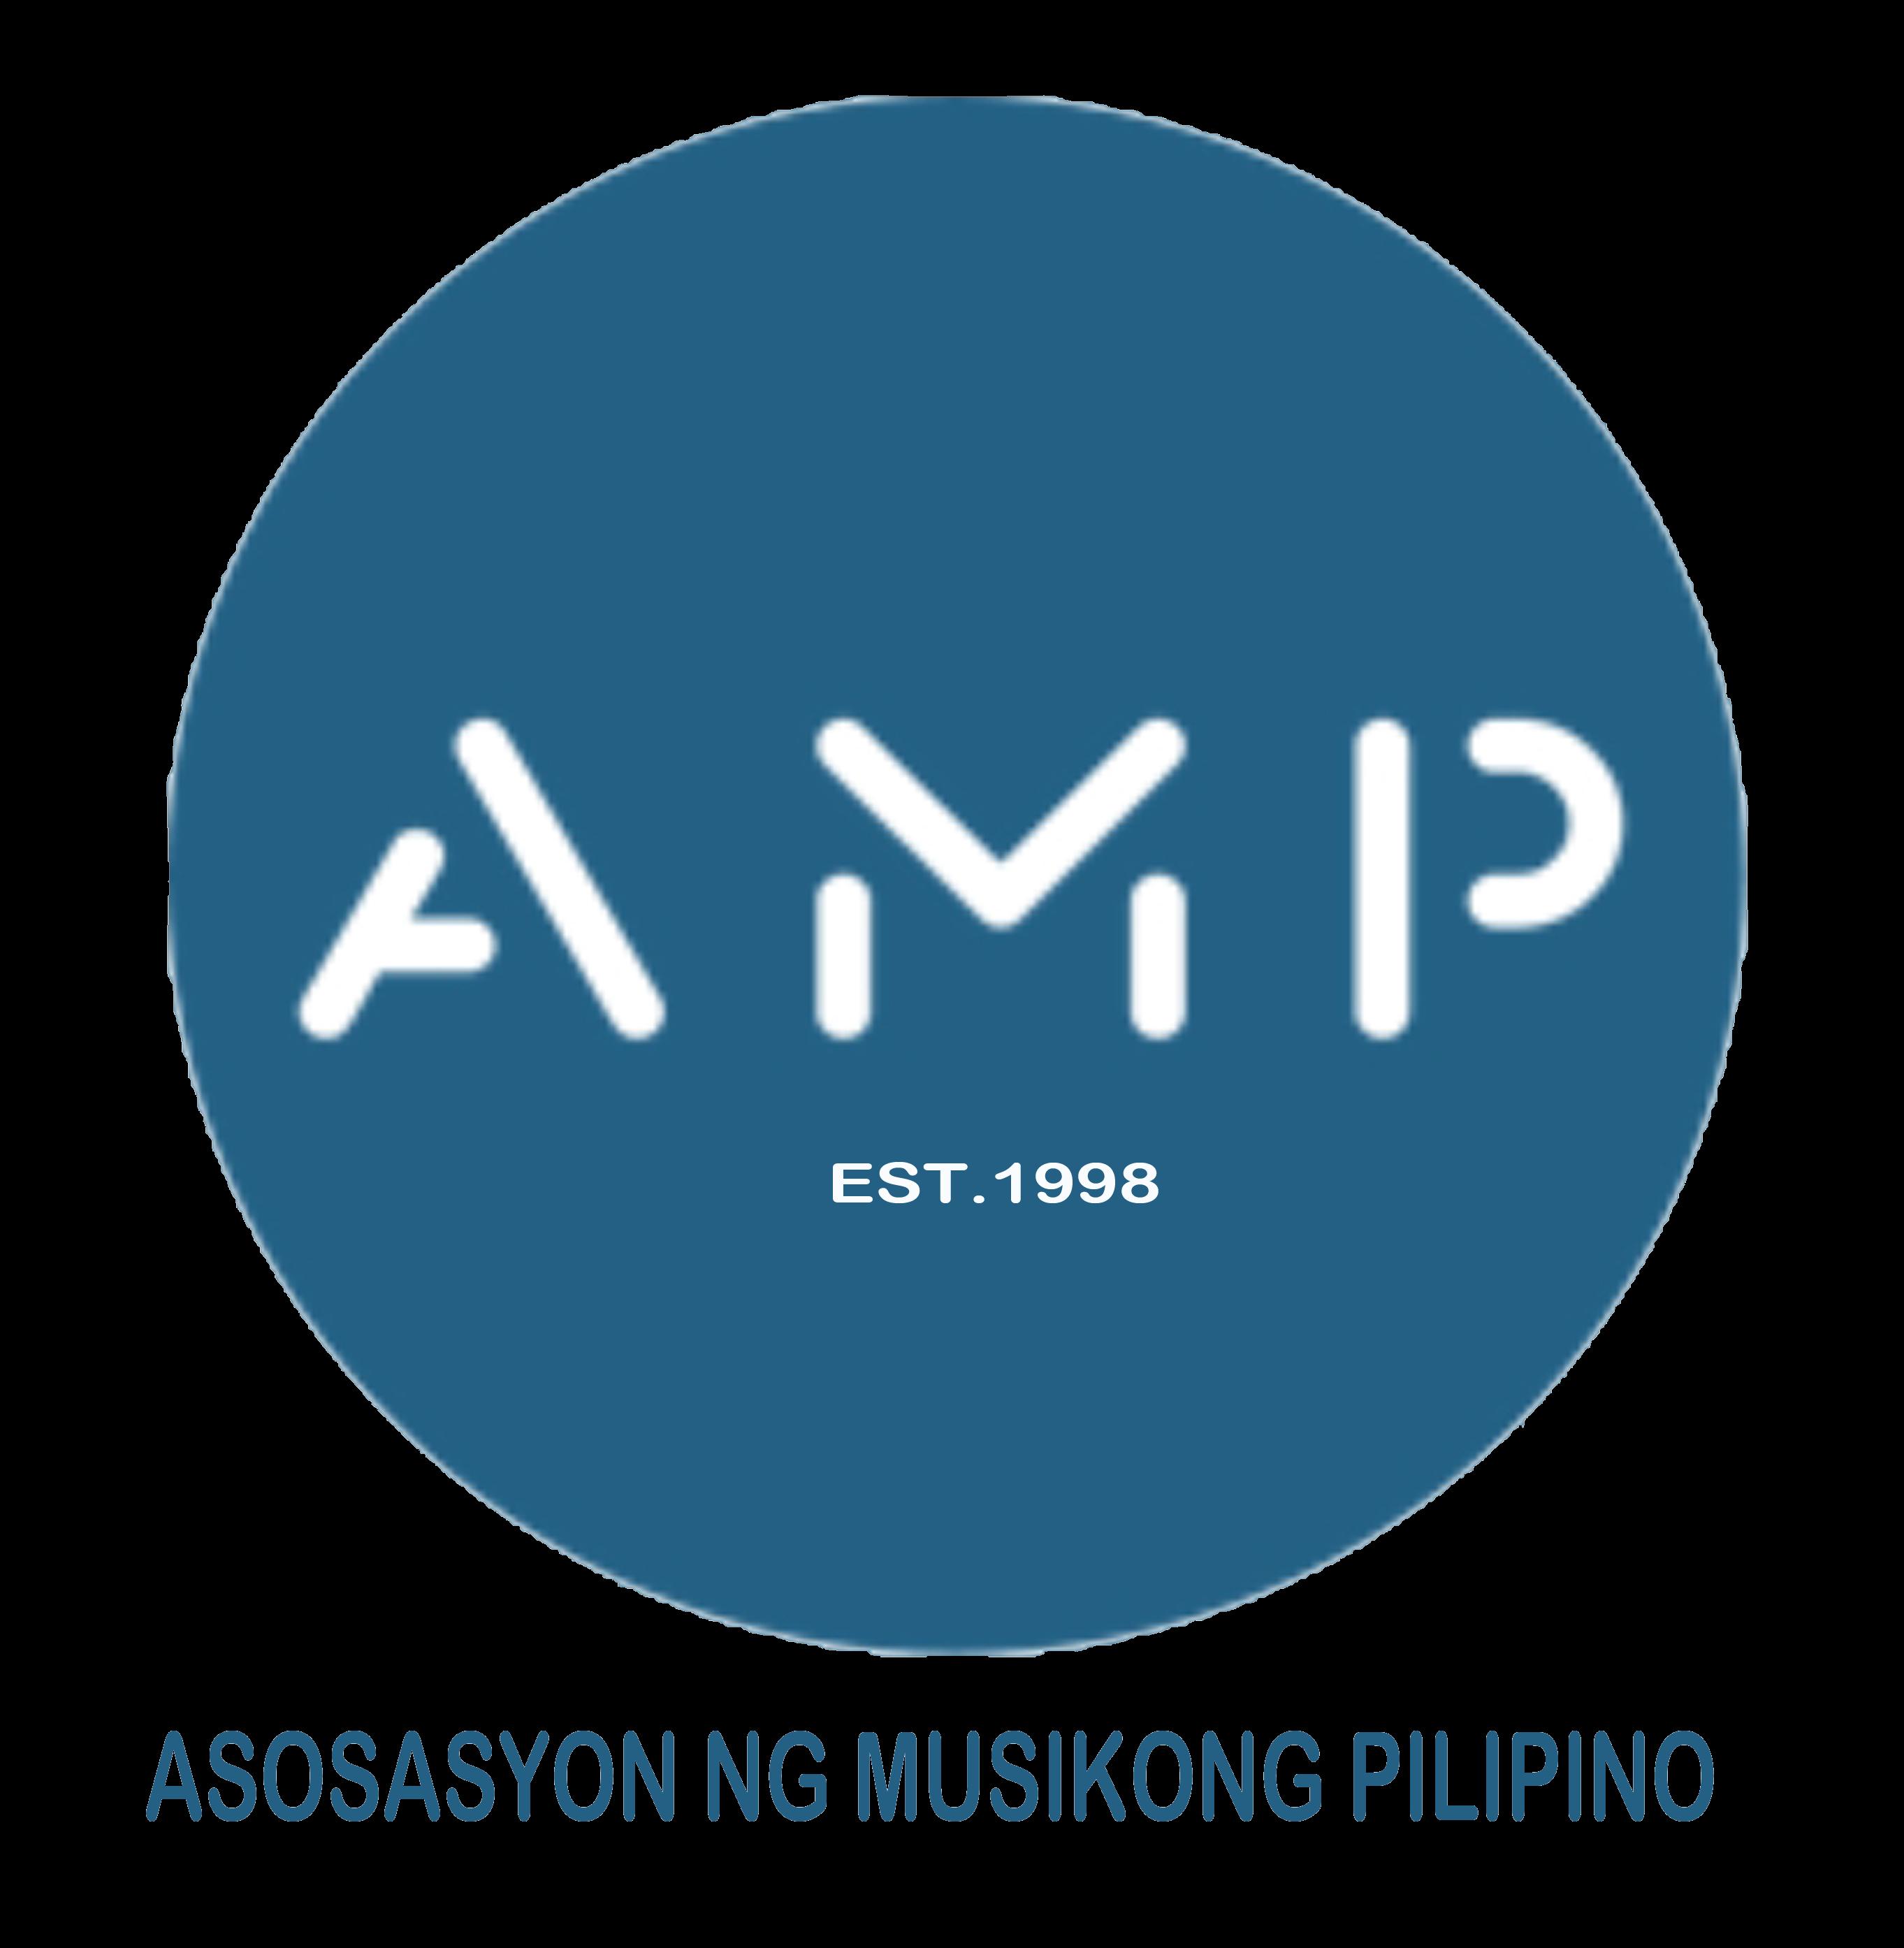 Asosasyon ng Musikong Pilipino